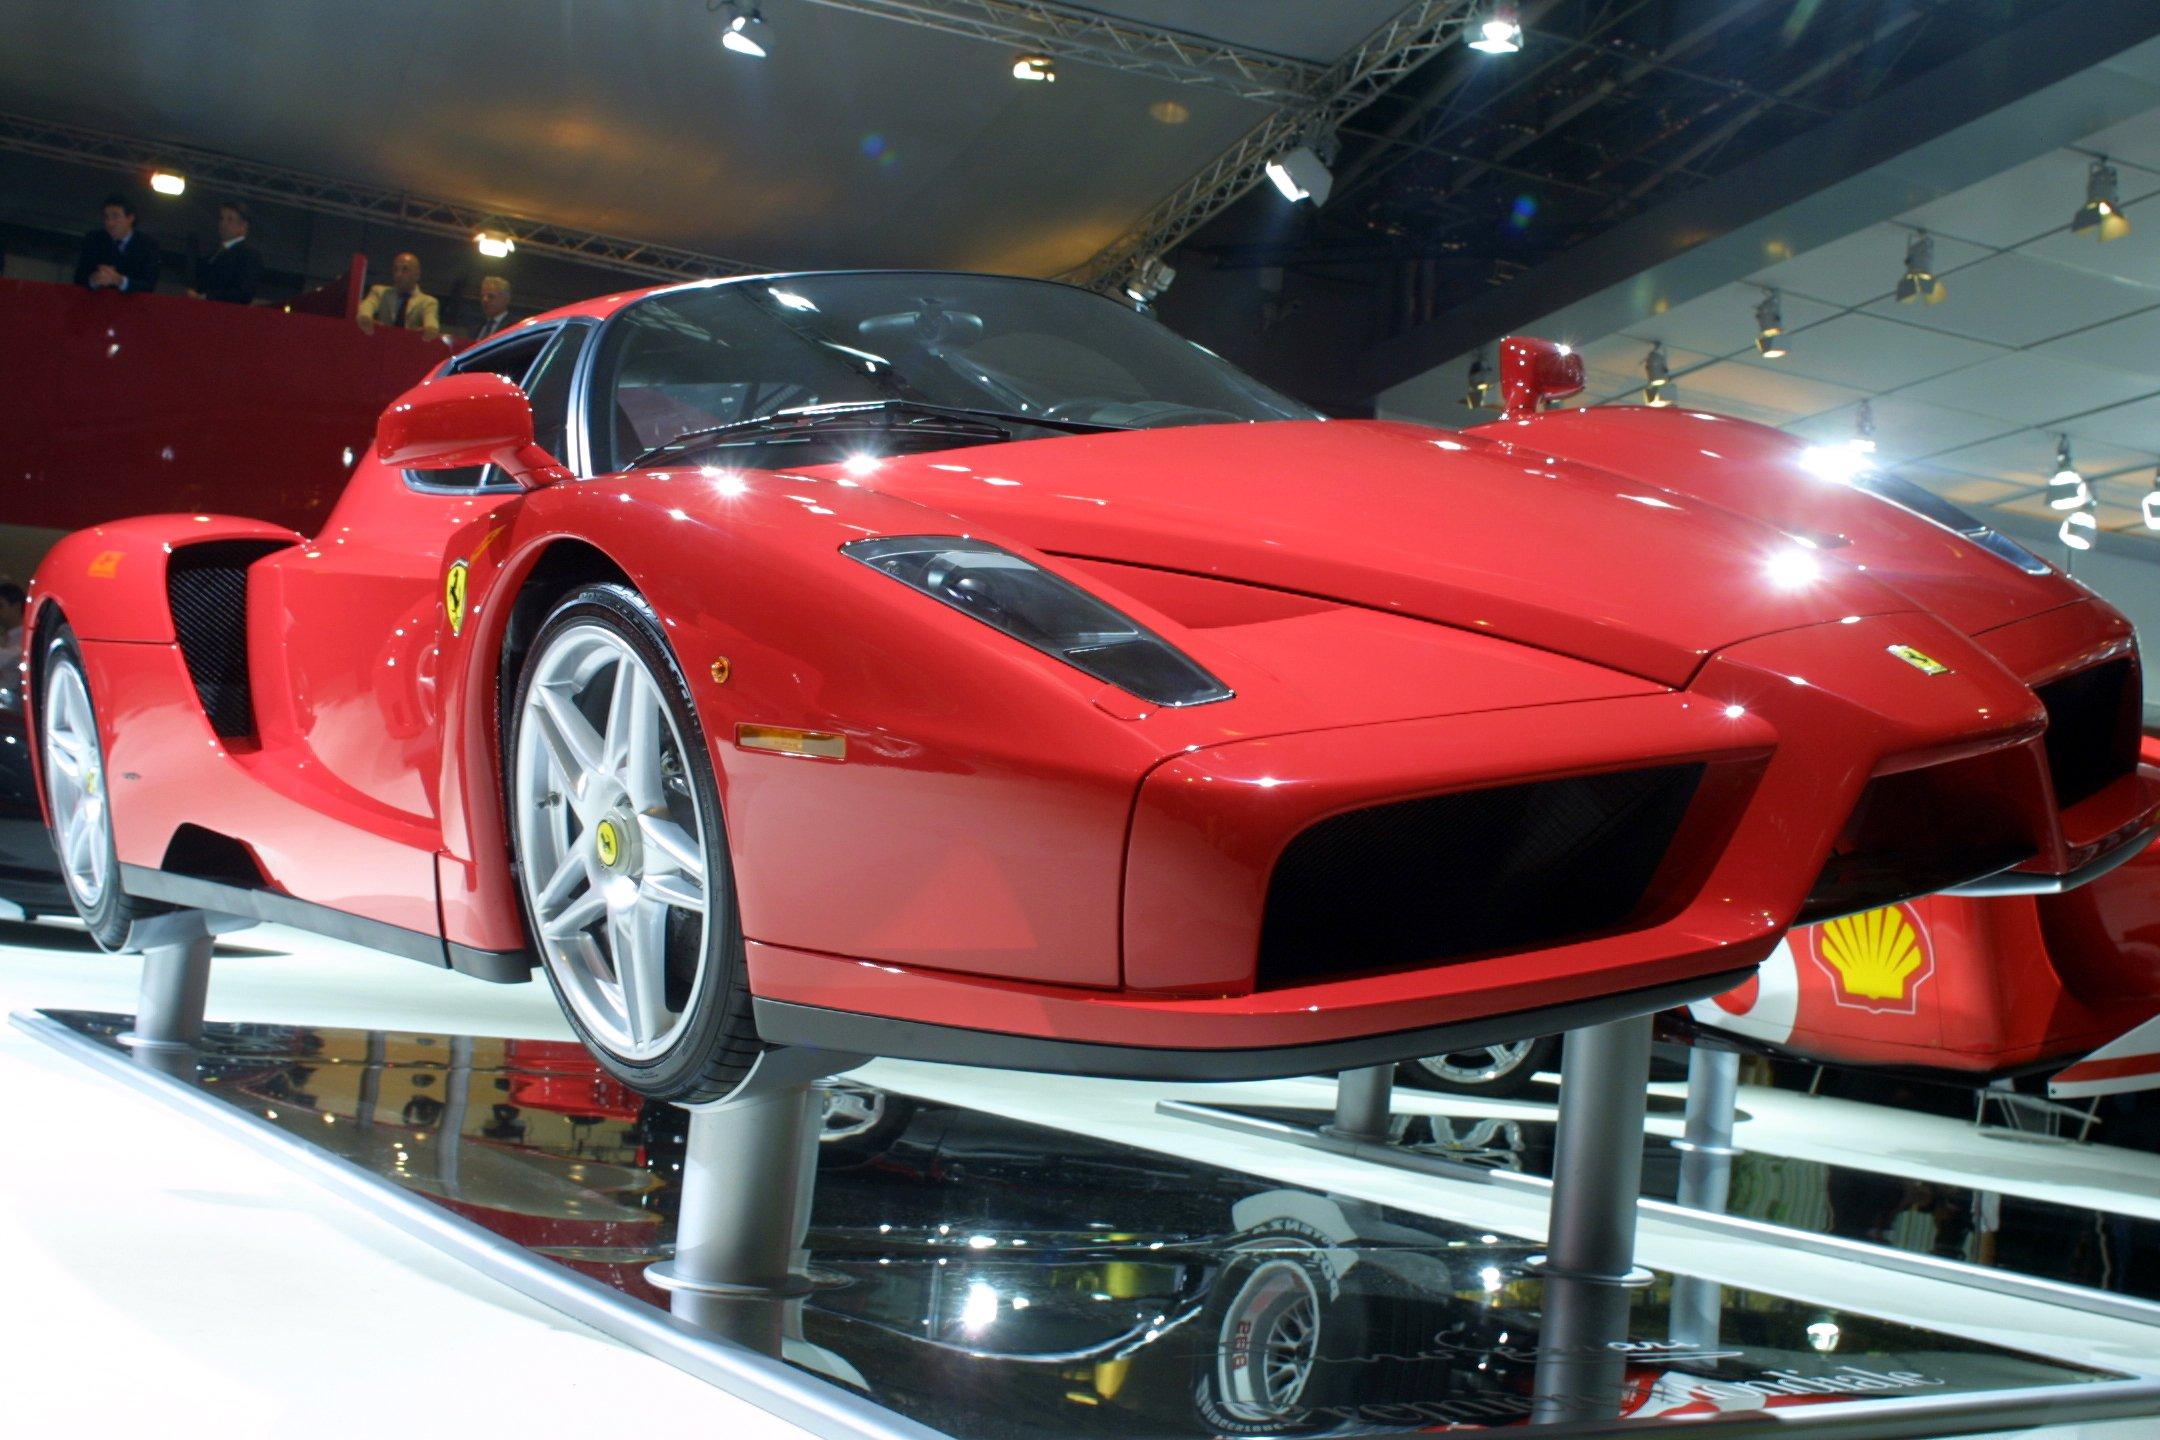 ferrari enzo ferrari brown - Ferrari Enzo 2020